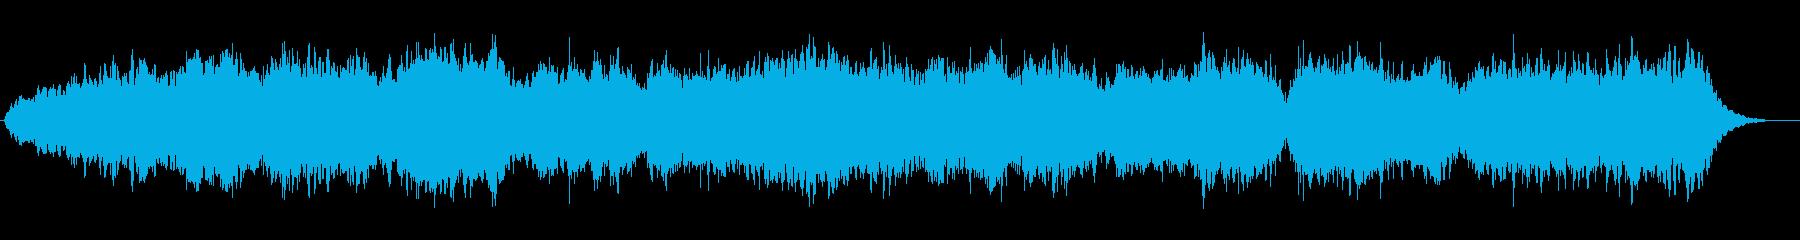 深い安らぎへ導くリラクゼーション音楽の再生済みの波形